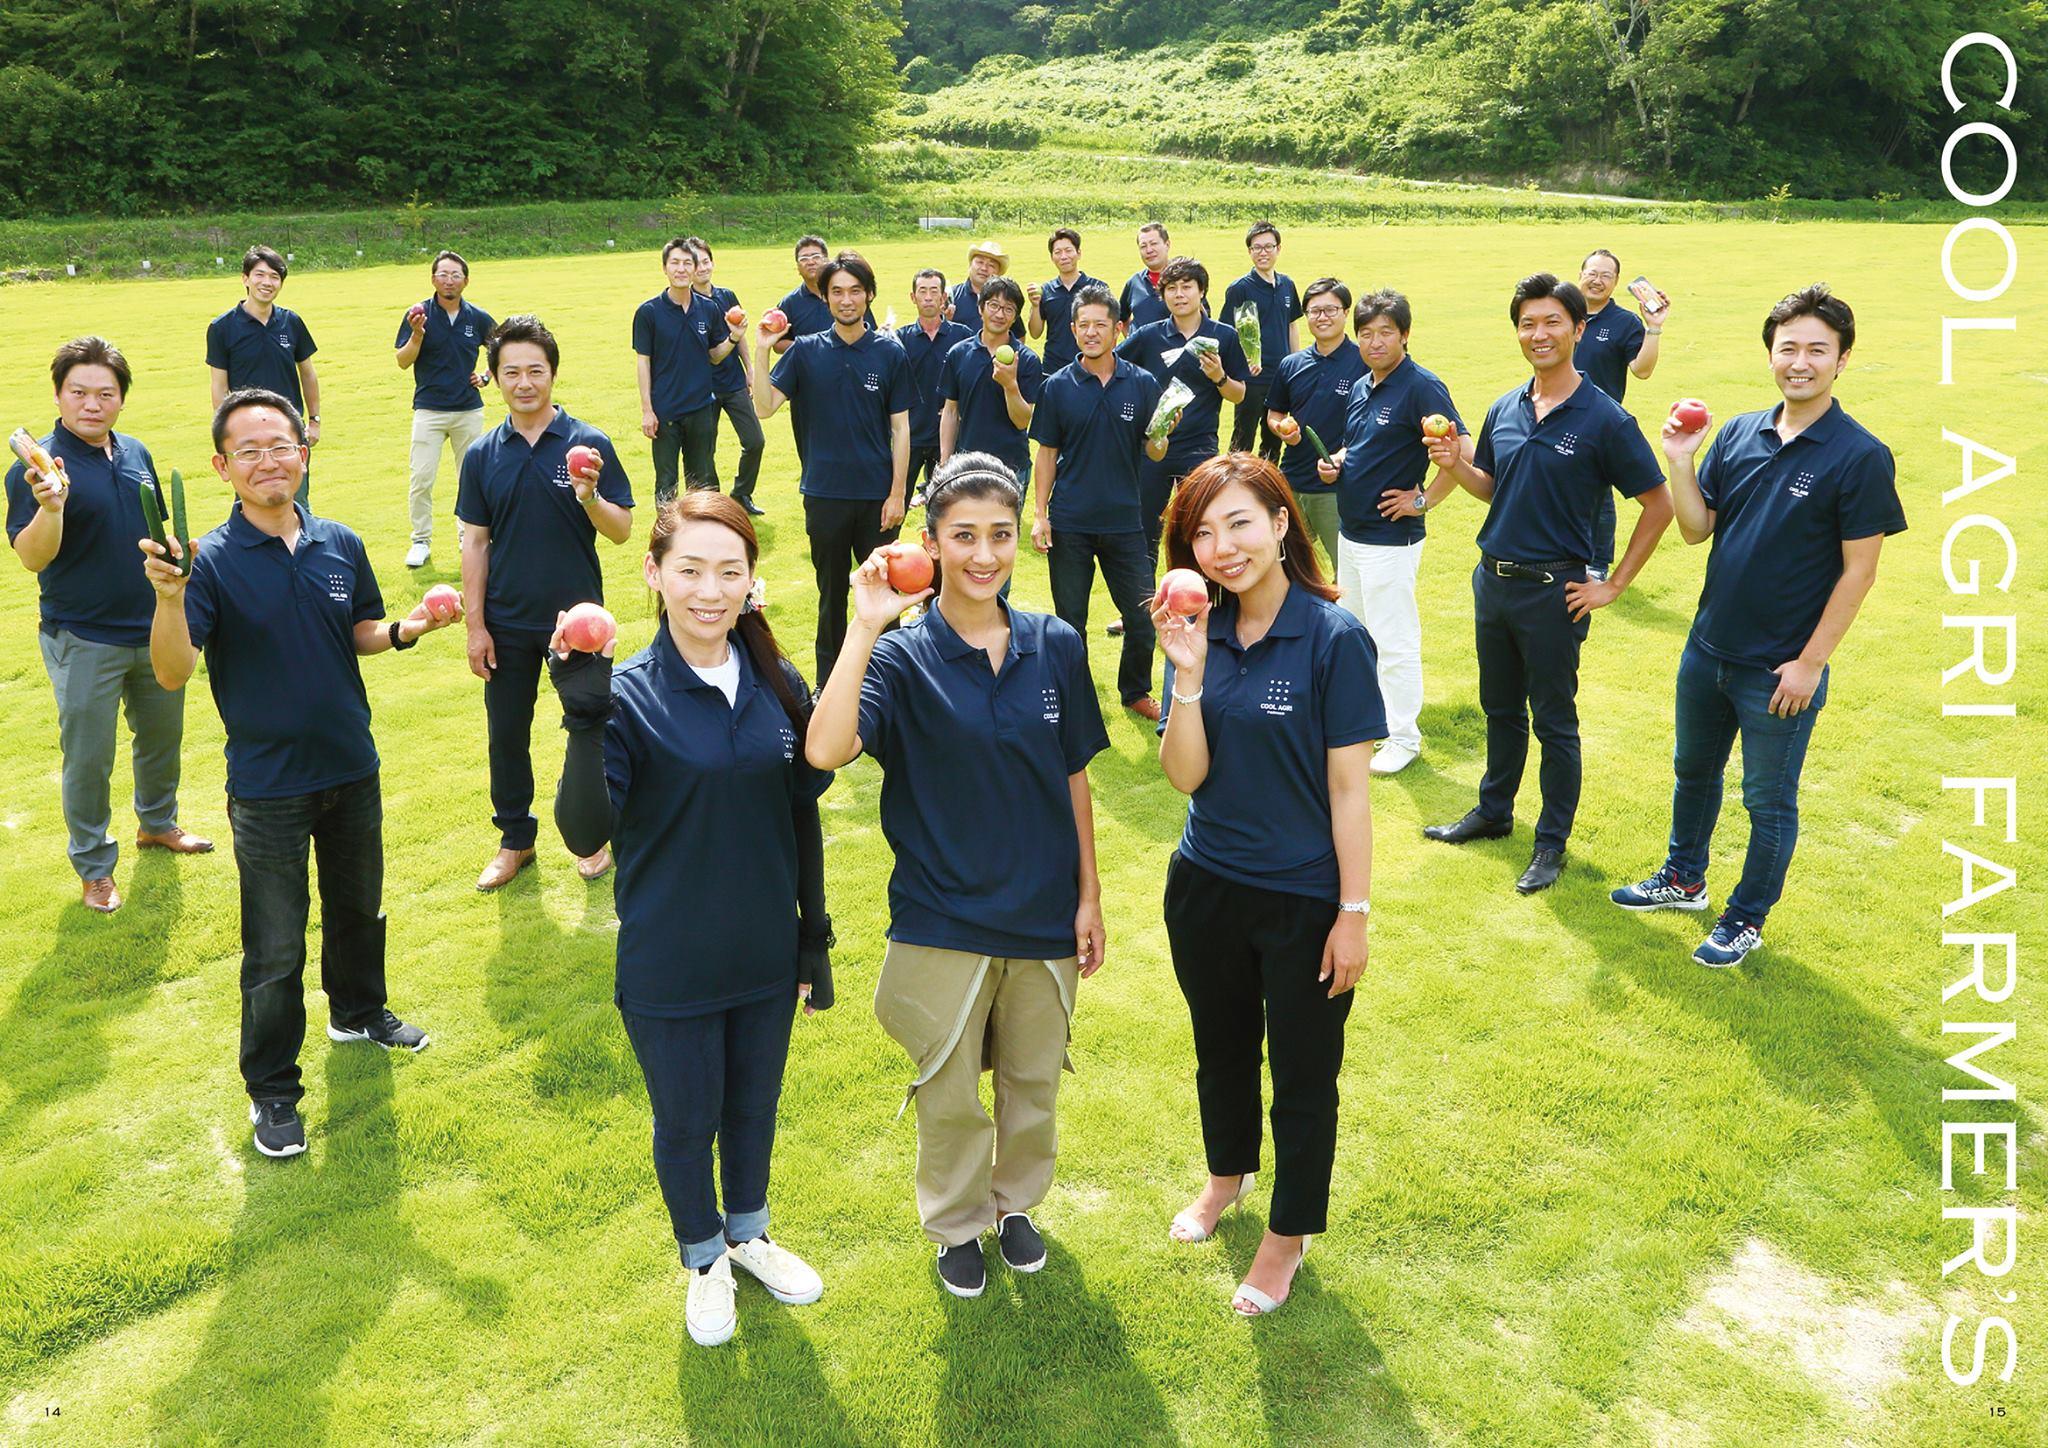 Fw:東北 第3回共創イベント『リアルタイム流通で農産物を繋ぐICT地域商社』(9月9-10日 in 仙台)